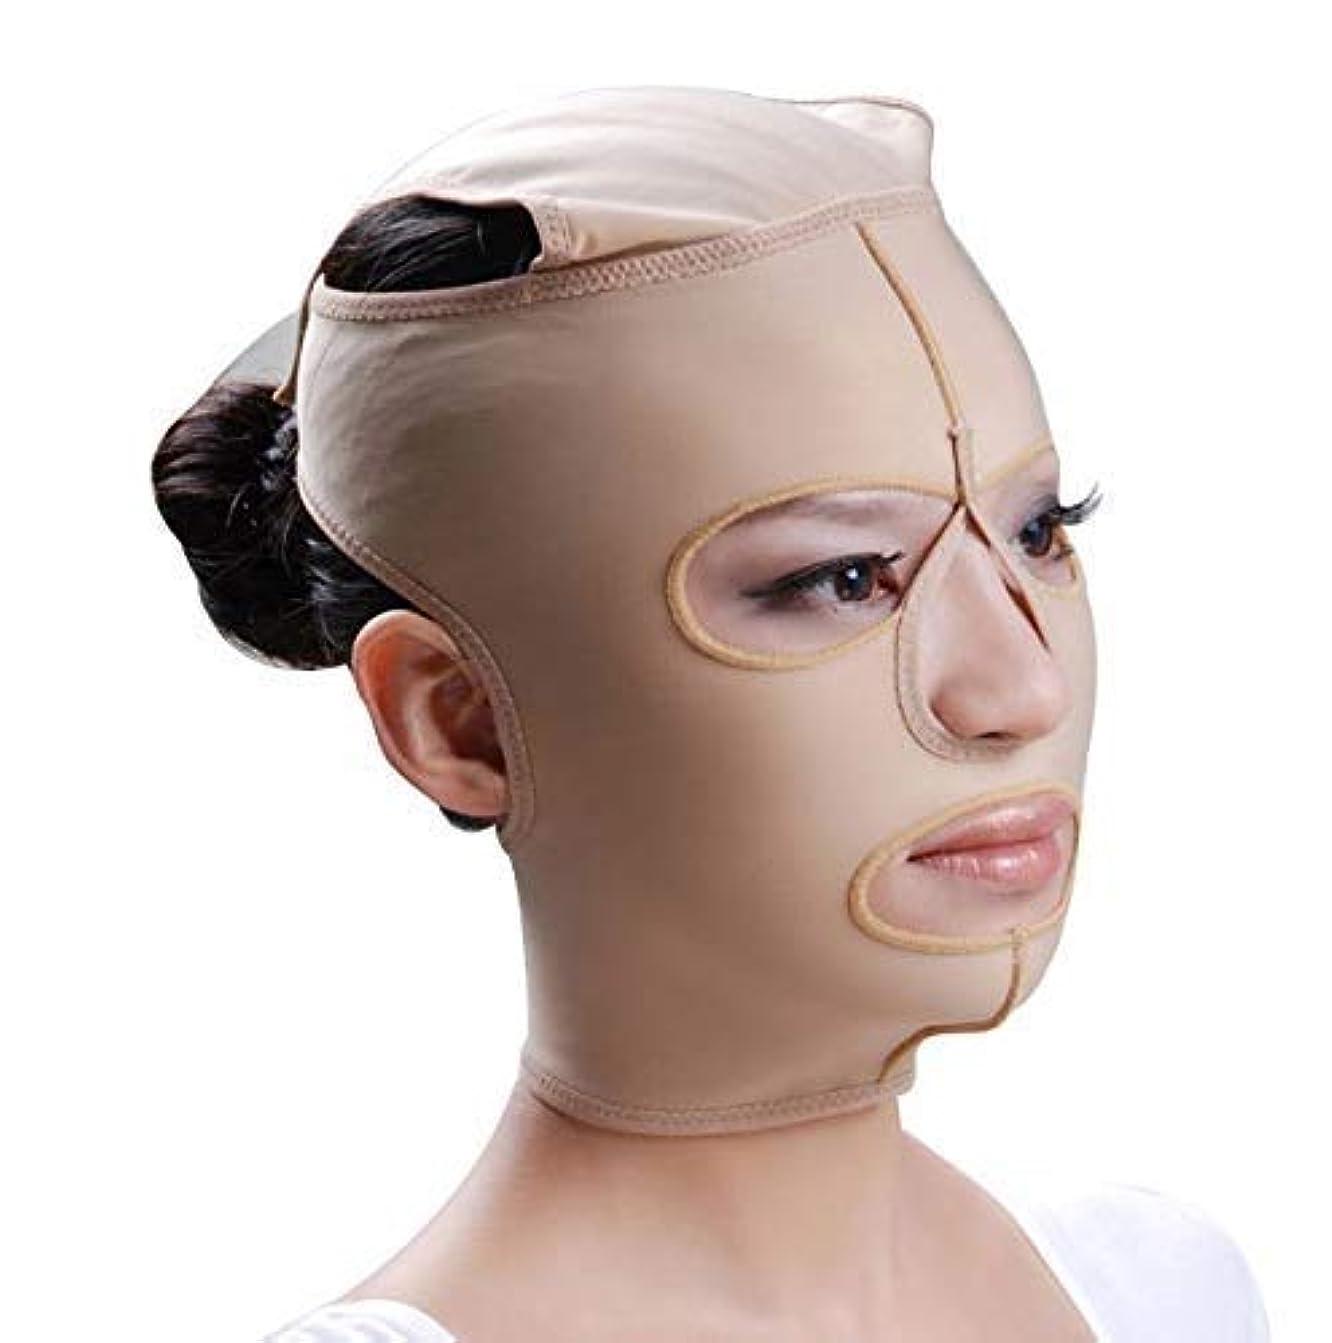 法医学推進力説教するファーミングフェイスマスク、フェイシャルマスク弾性フェイスリフティングリフティングファーミングパターンマイクロフィニッシングポストモデリングコンプレッションフェイスマスク(サイズ:S)